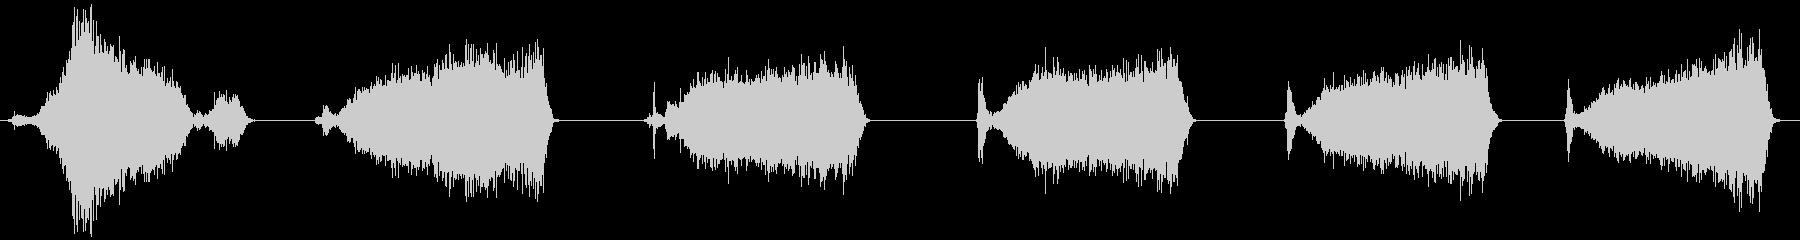 ハードブリストルプッシュほうき:コ...の未再生の波形